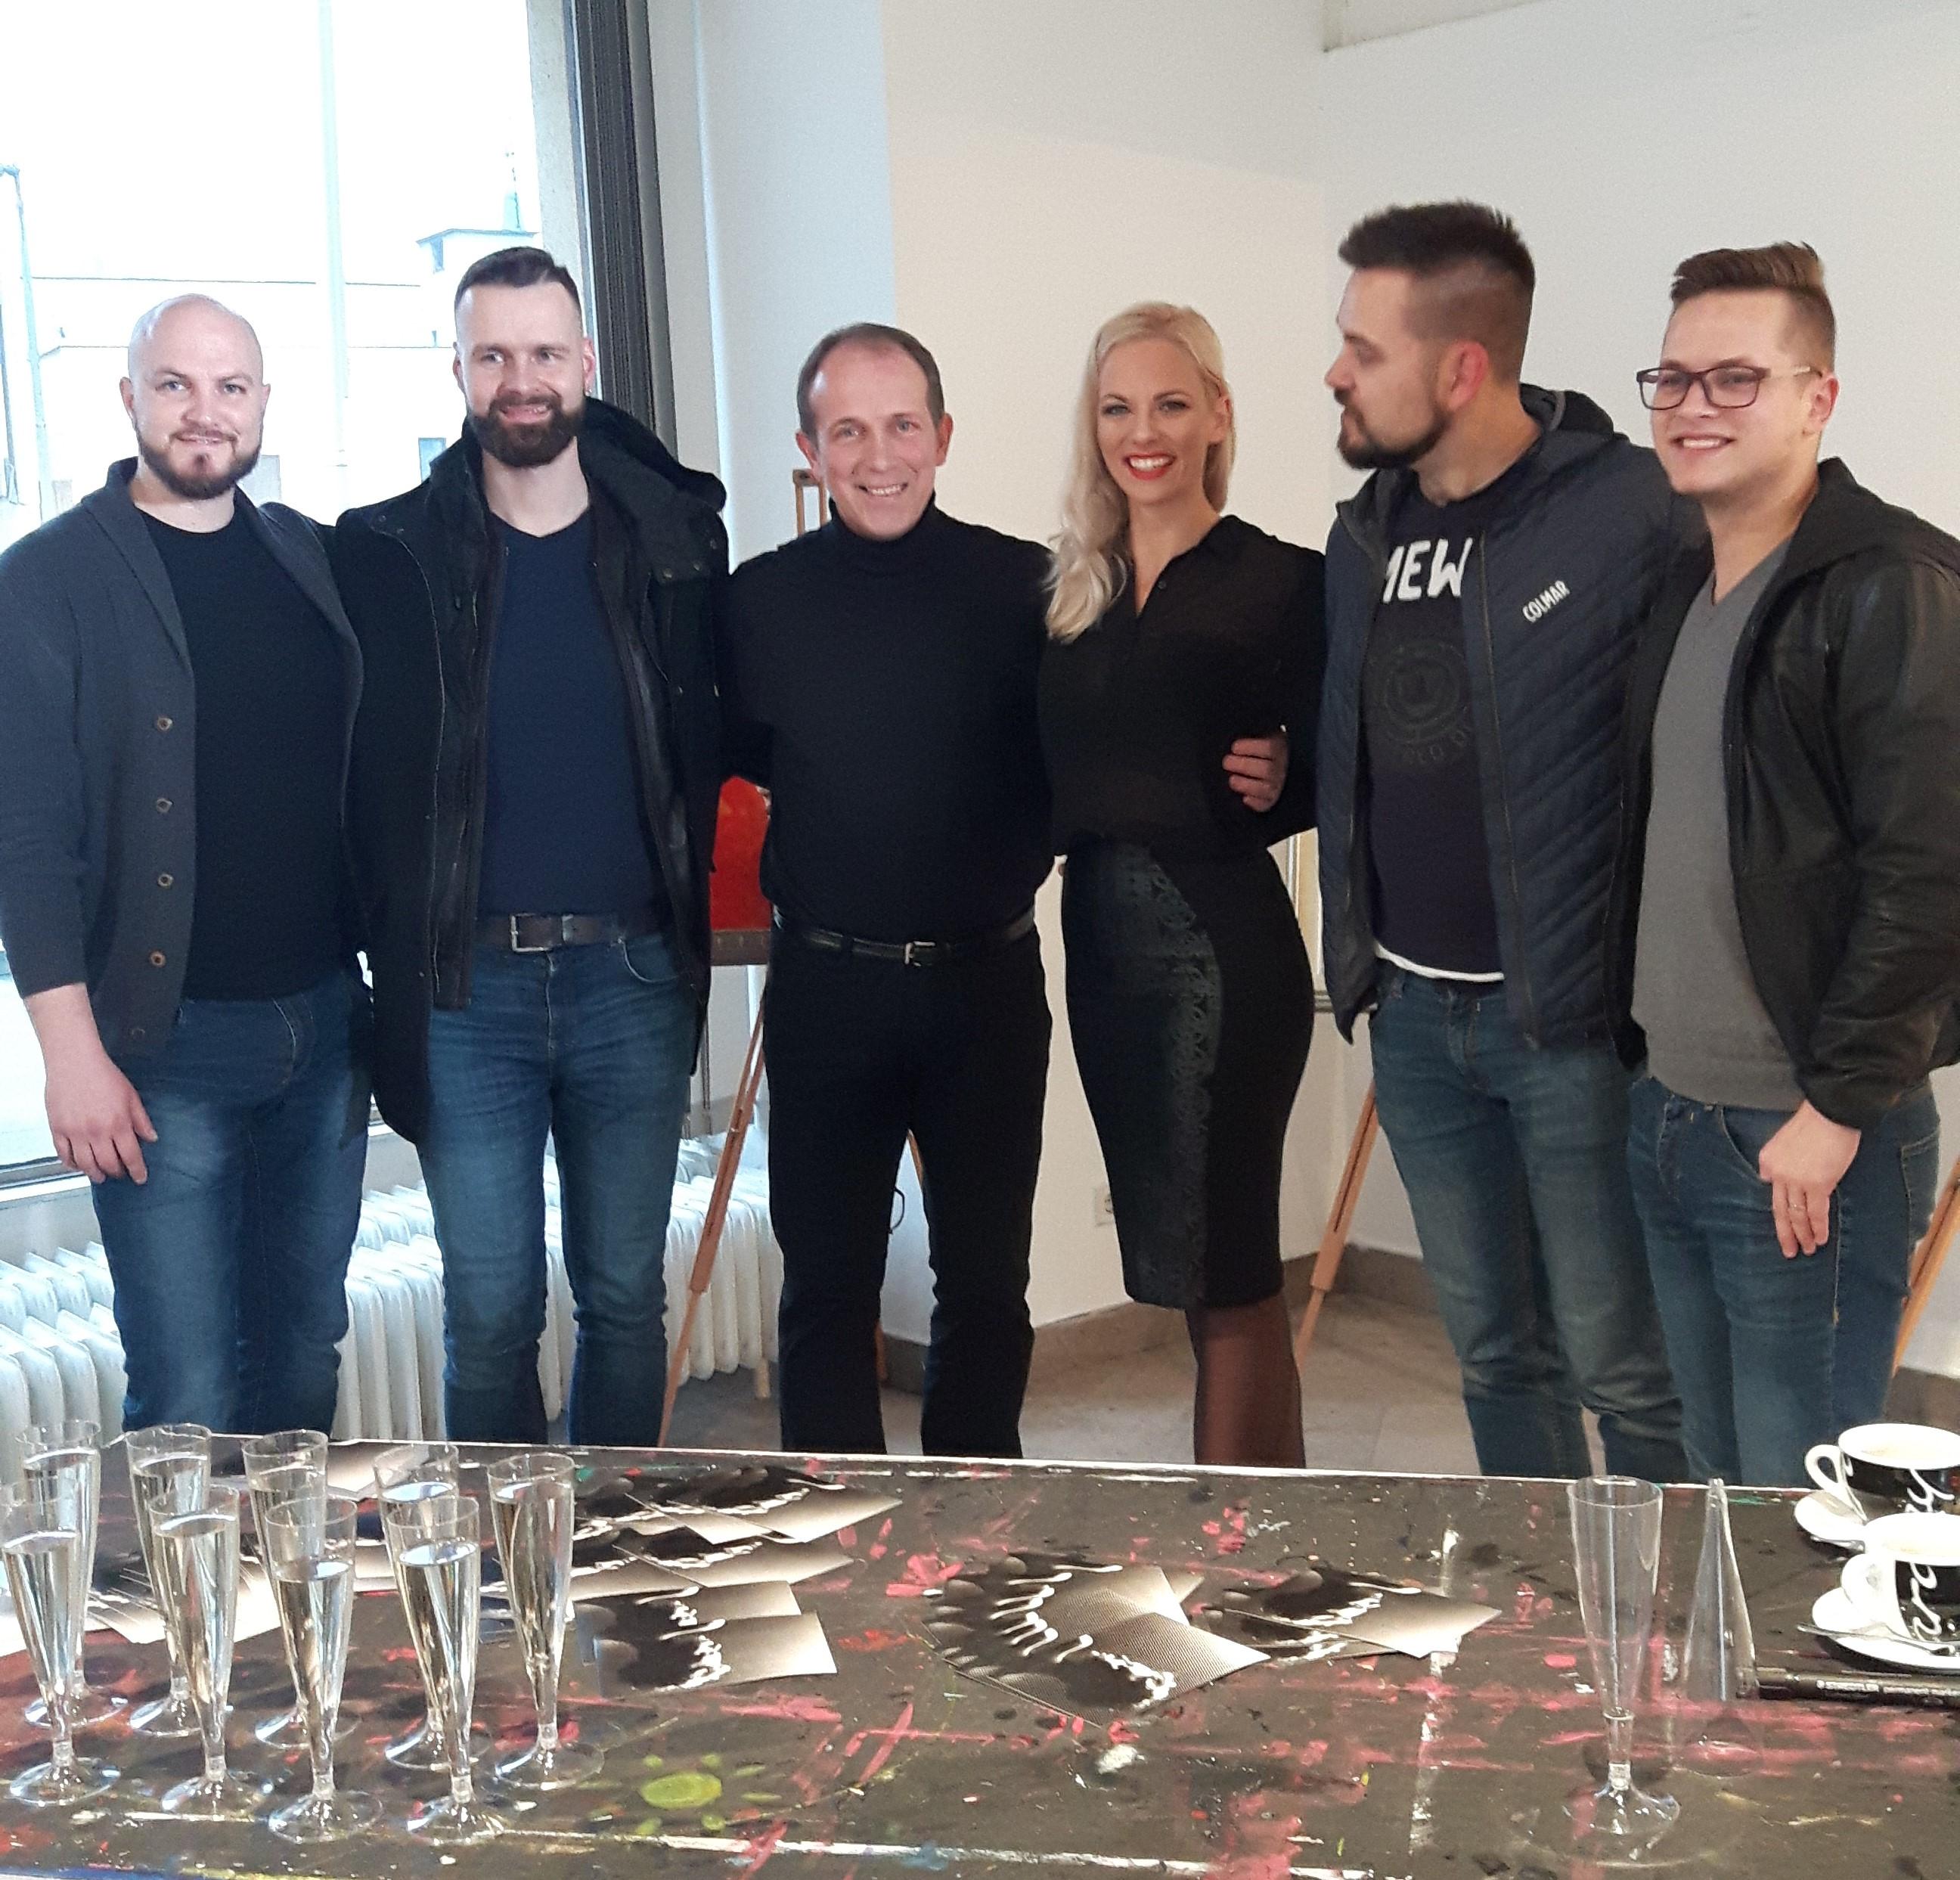 Sodelovanje pri nastajanju novega videospota Kvatropircev v Celju.